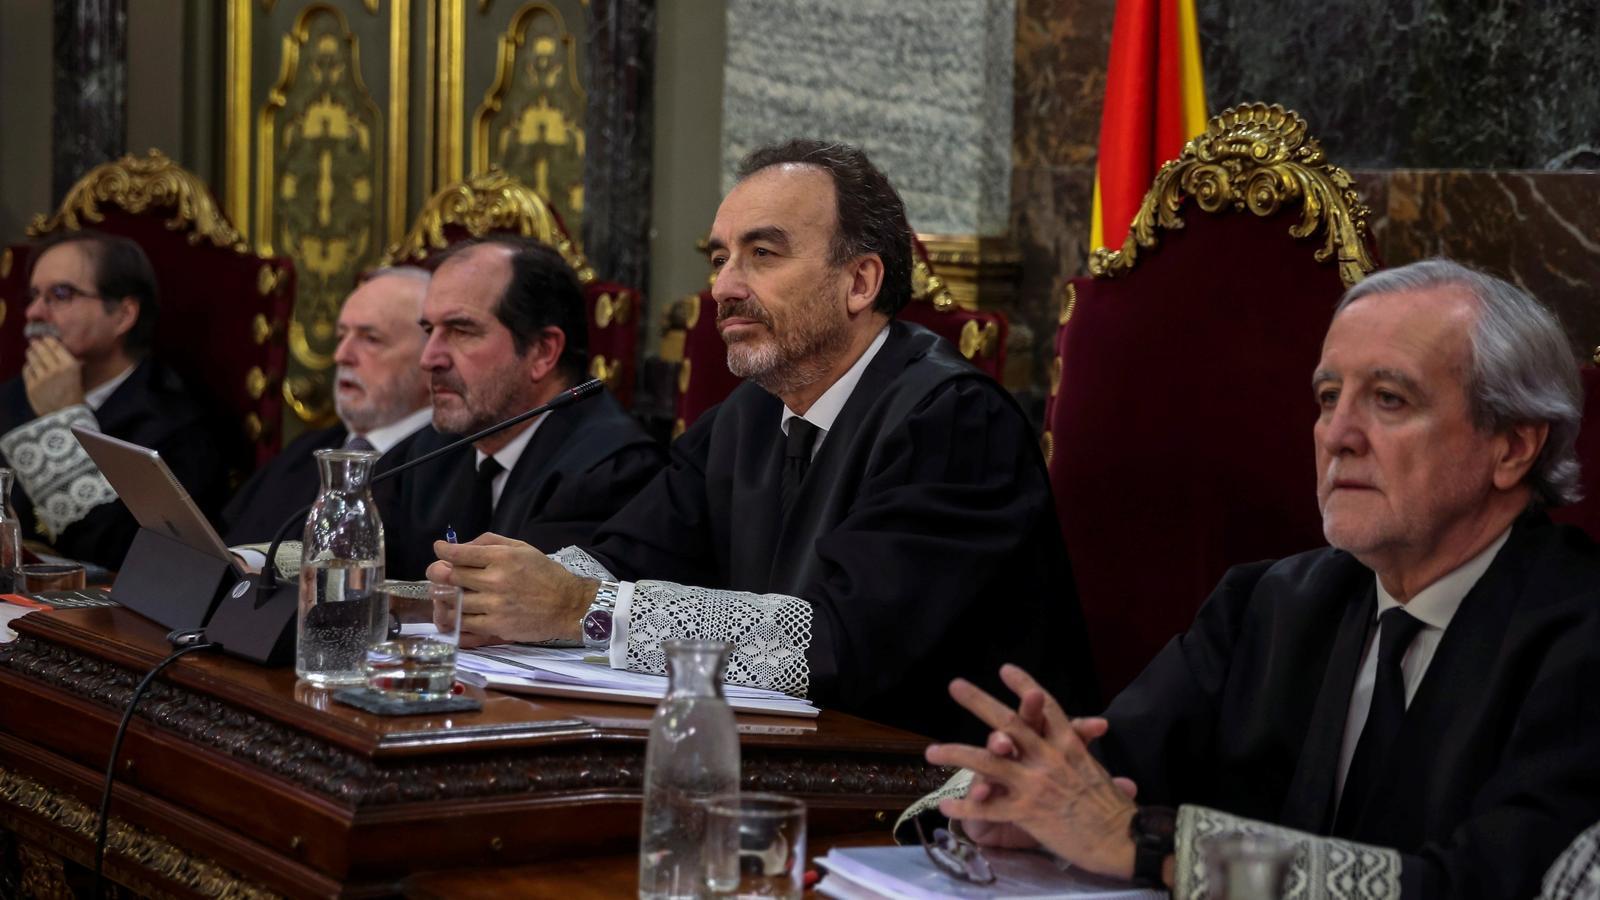 Els polítics seran els primers testimonis després dels presos